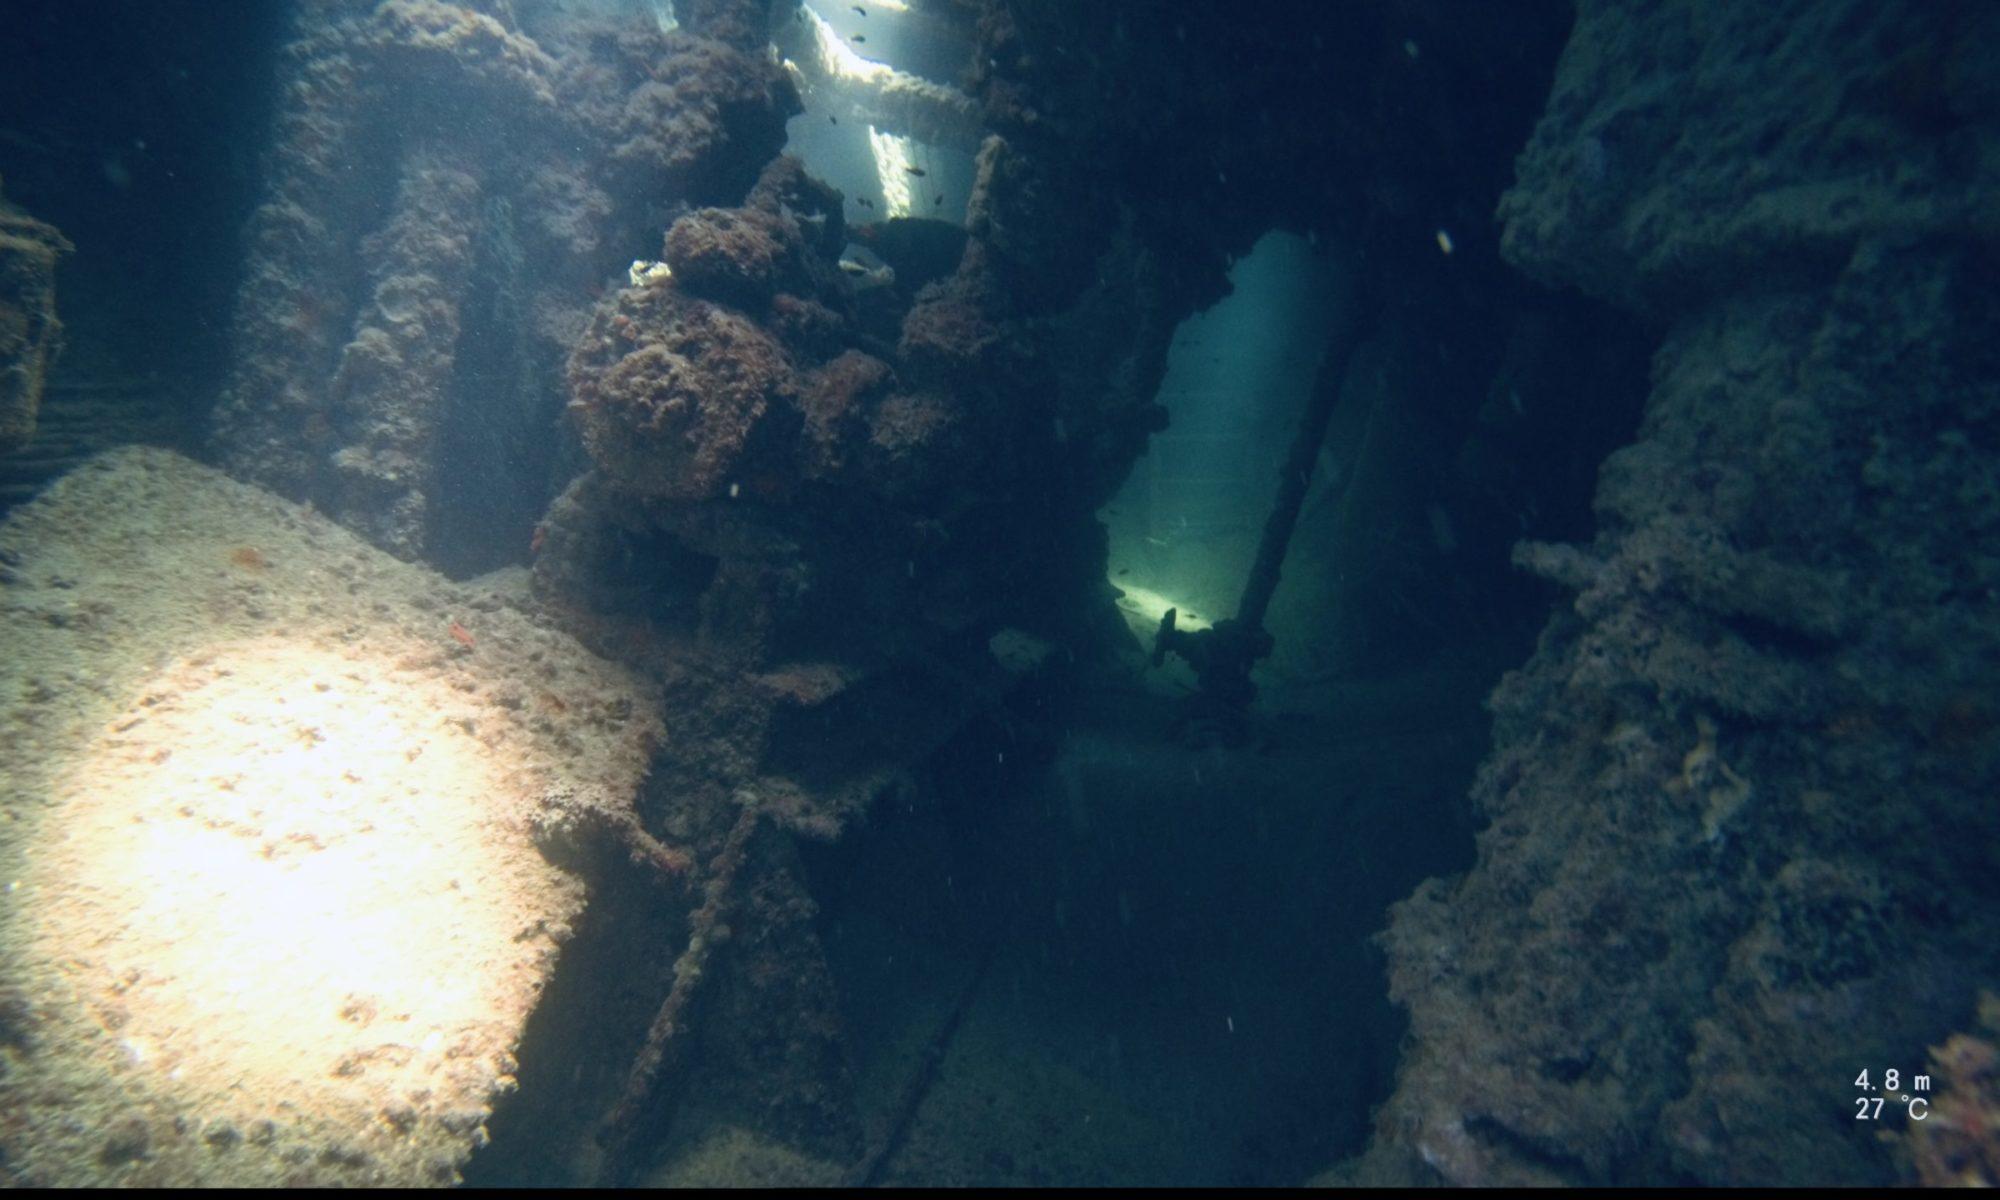 XENOSUN Diving